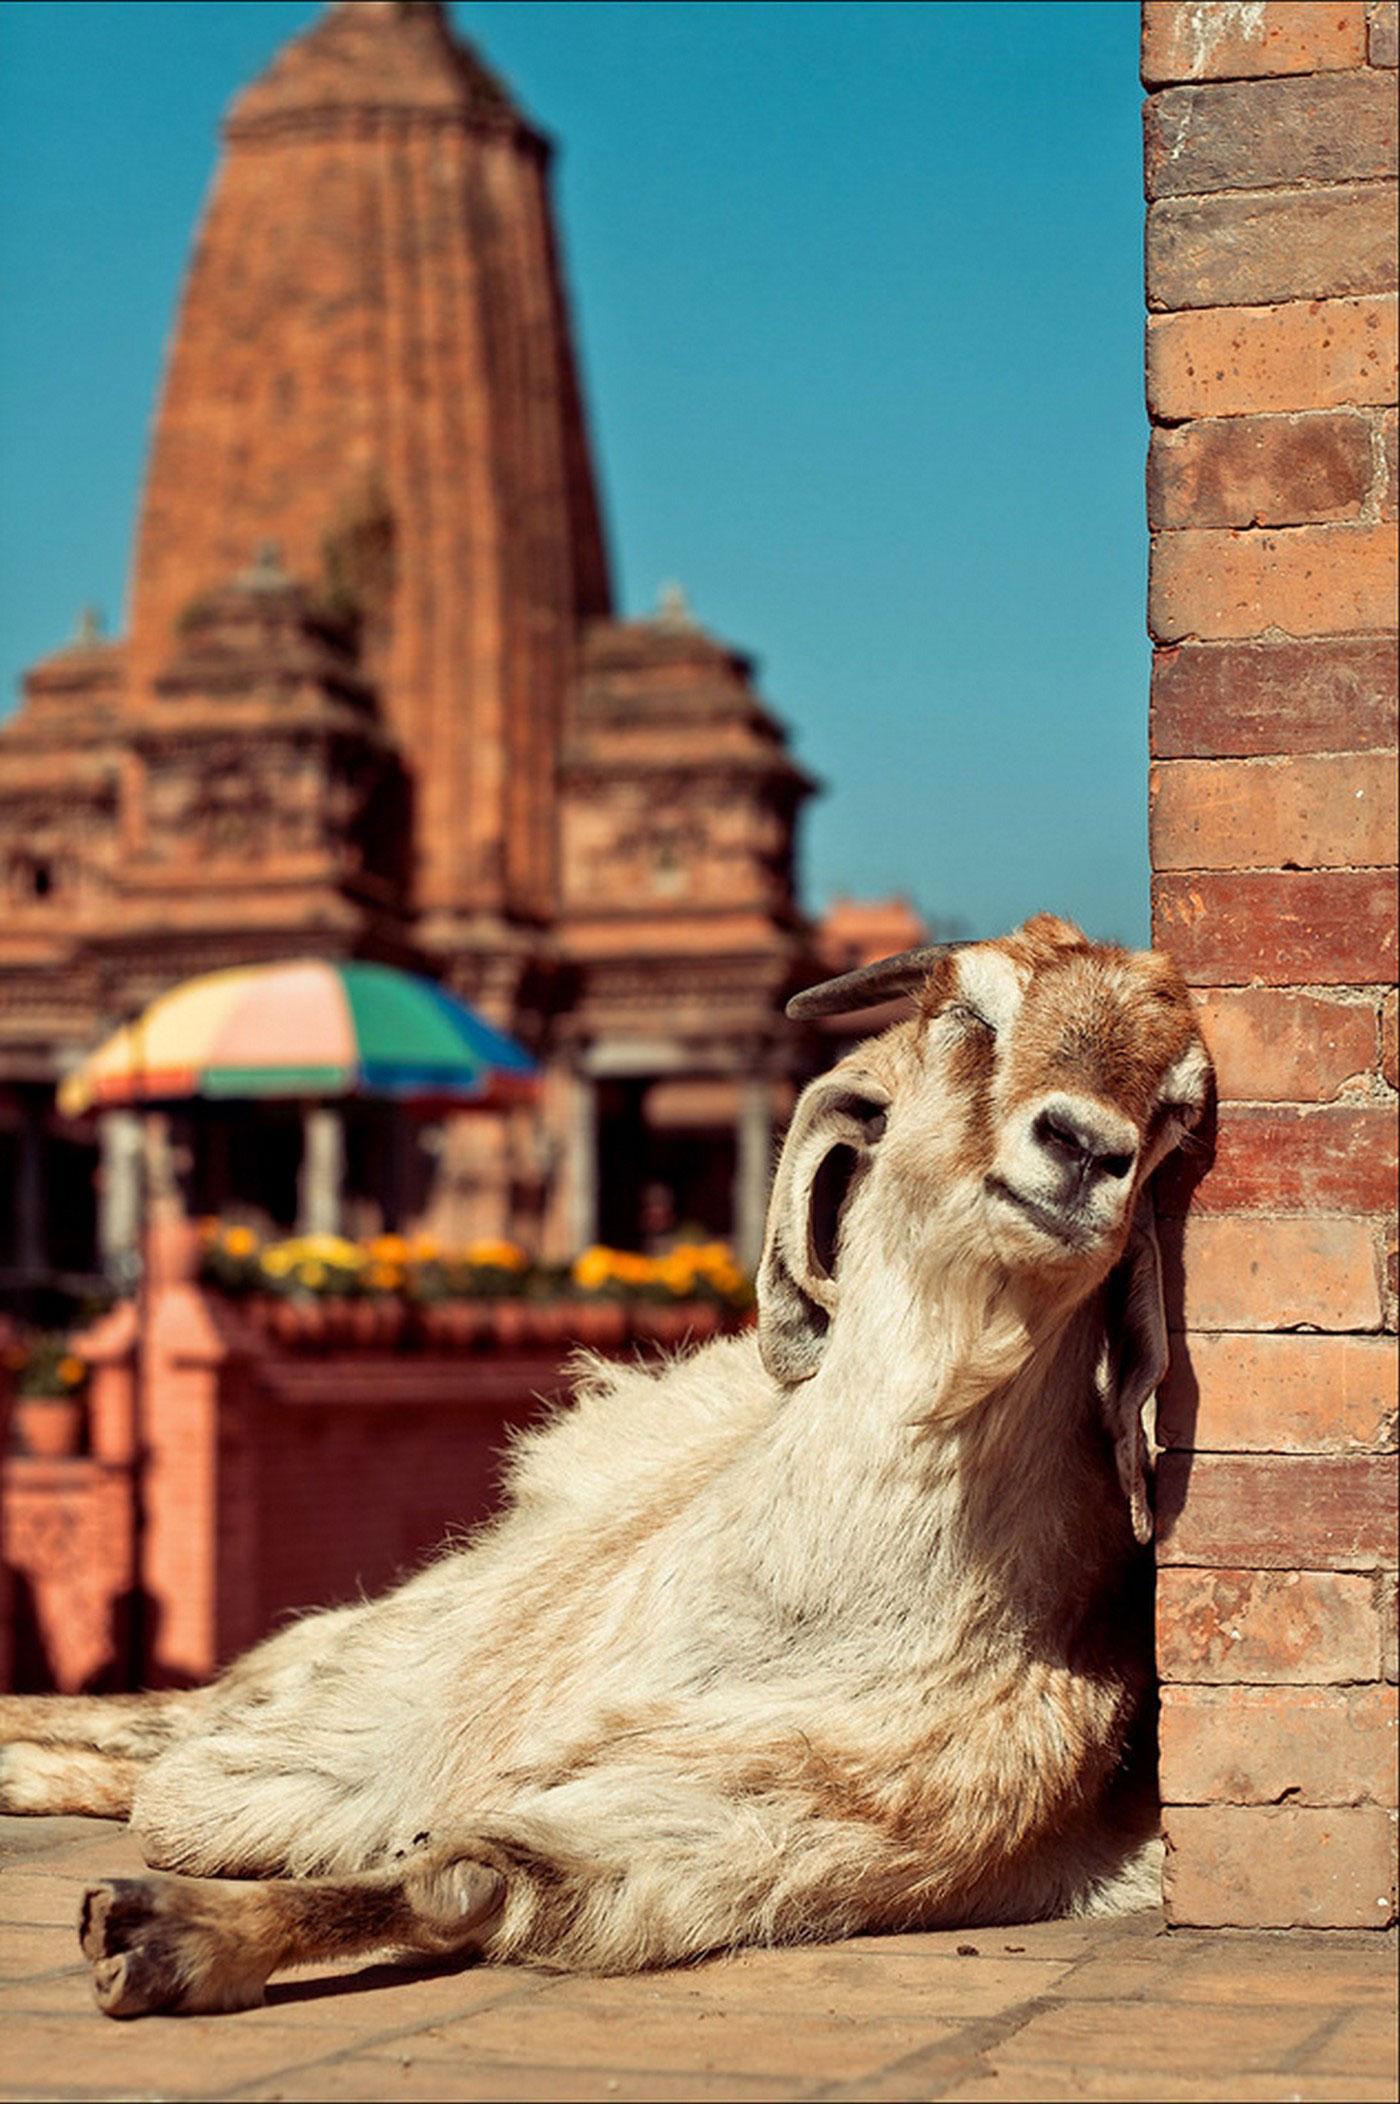 коза на солнышке, фото животного мира